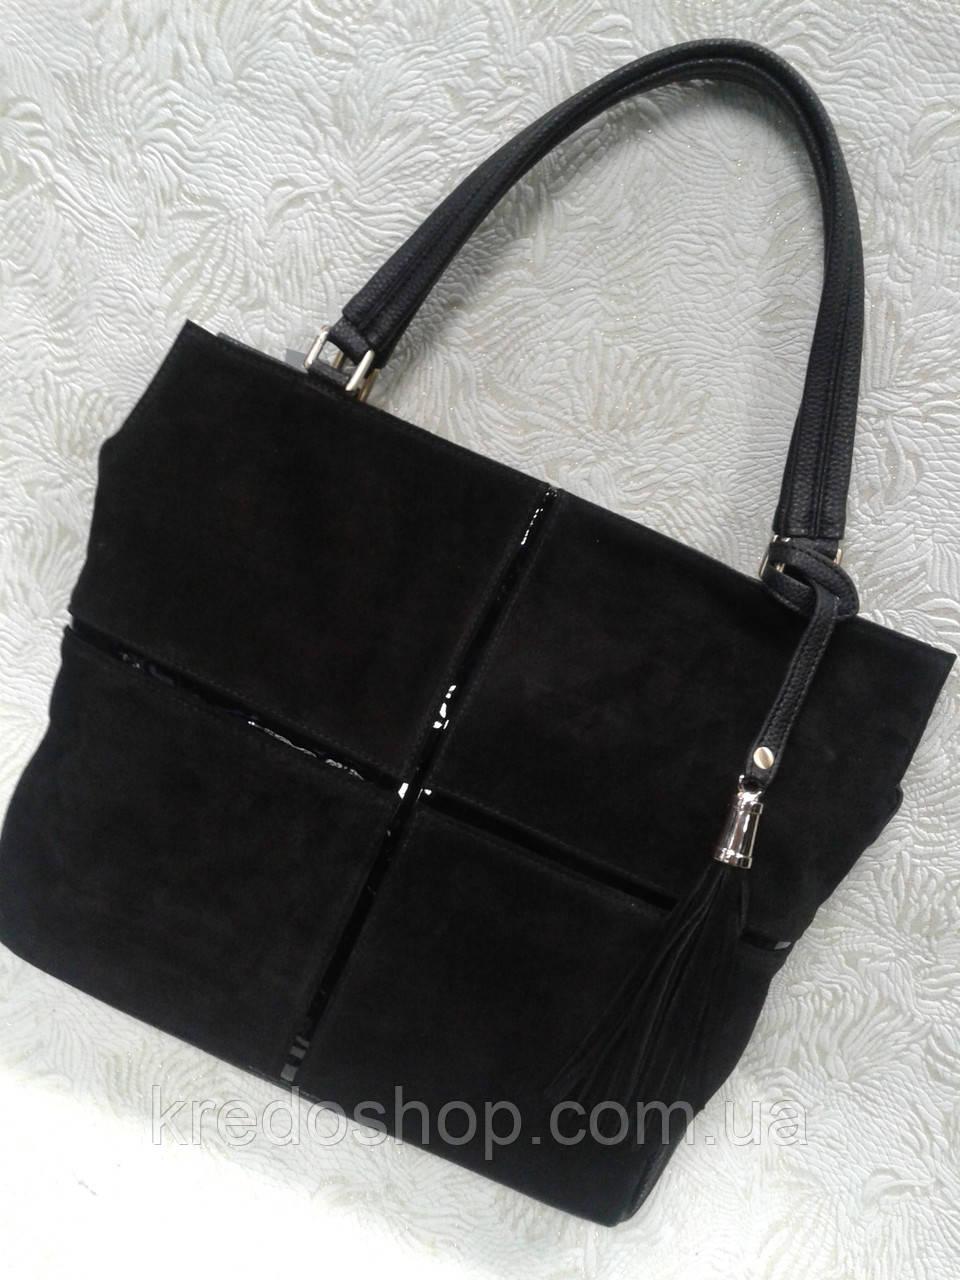 450e604e19e1 Женская сумка замшевая черная стильная, цена 830 грн., купить в Кривом Роге  — Prom.ua (ID#602724462)